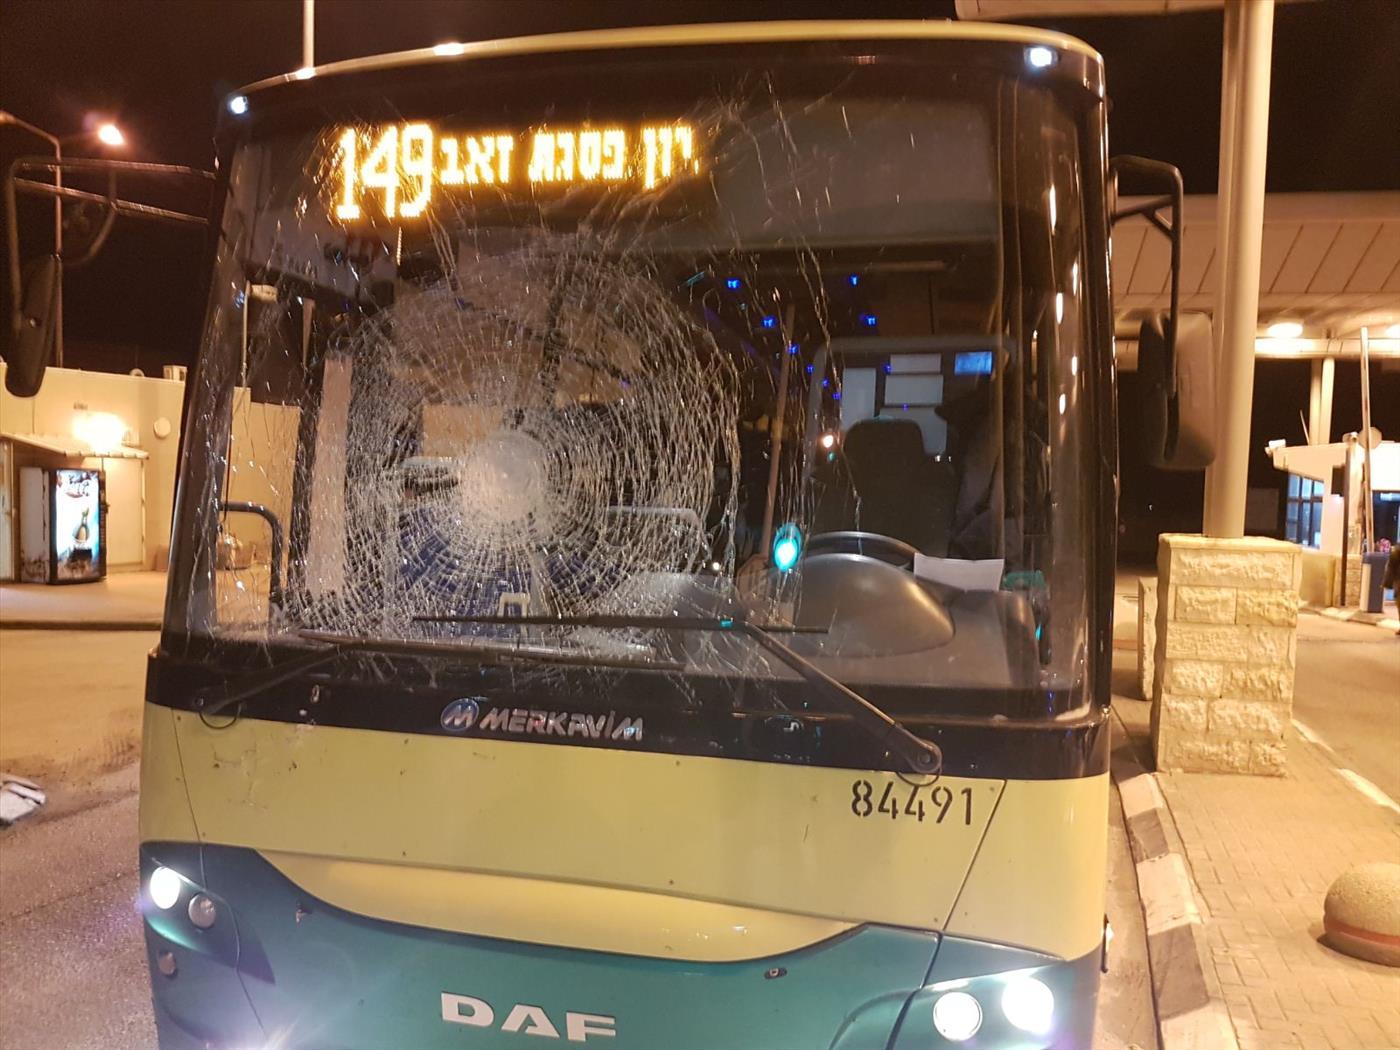 אוטובוס שנרגם באבנים במחסום חיזמה. ארכיון (צילום: אהוד אמיתון TPS)